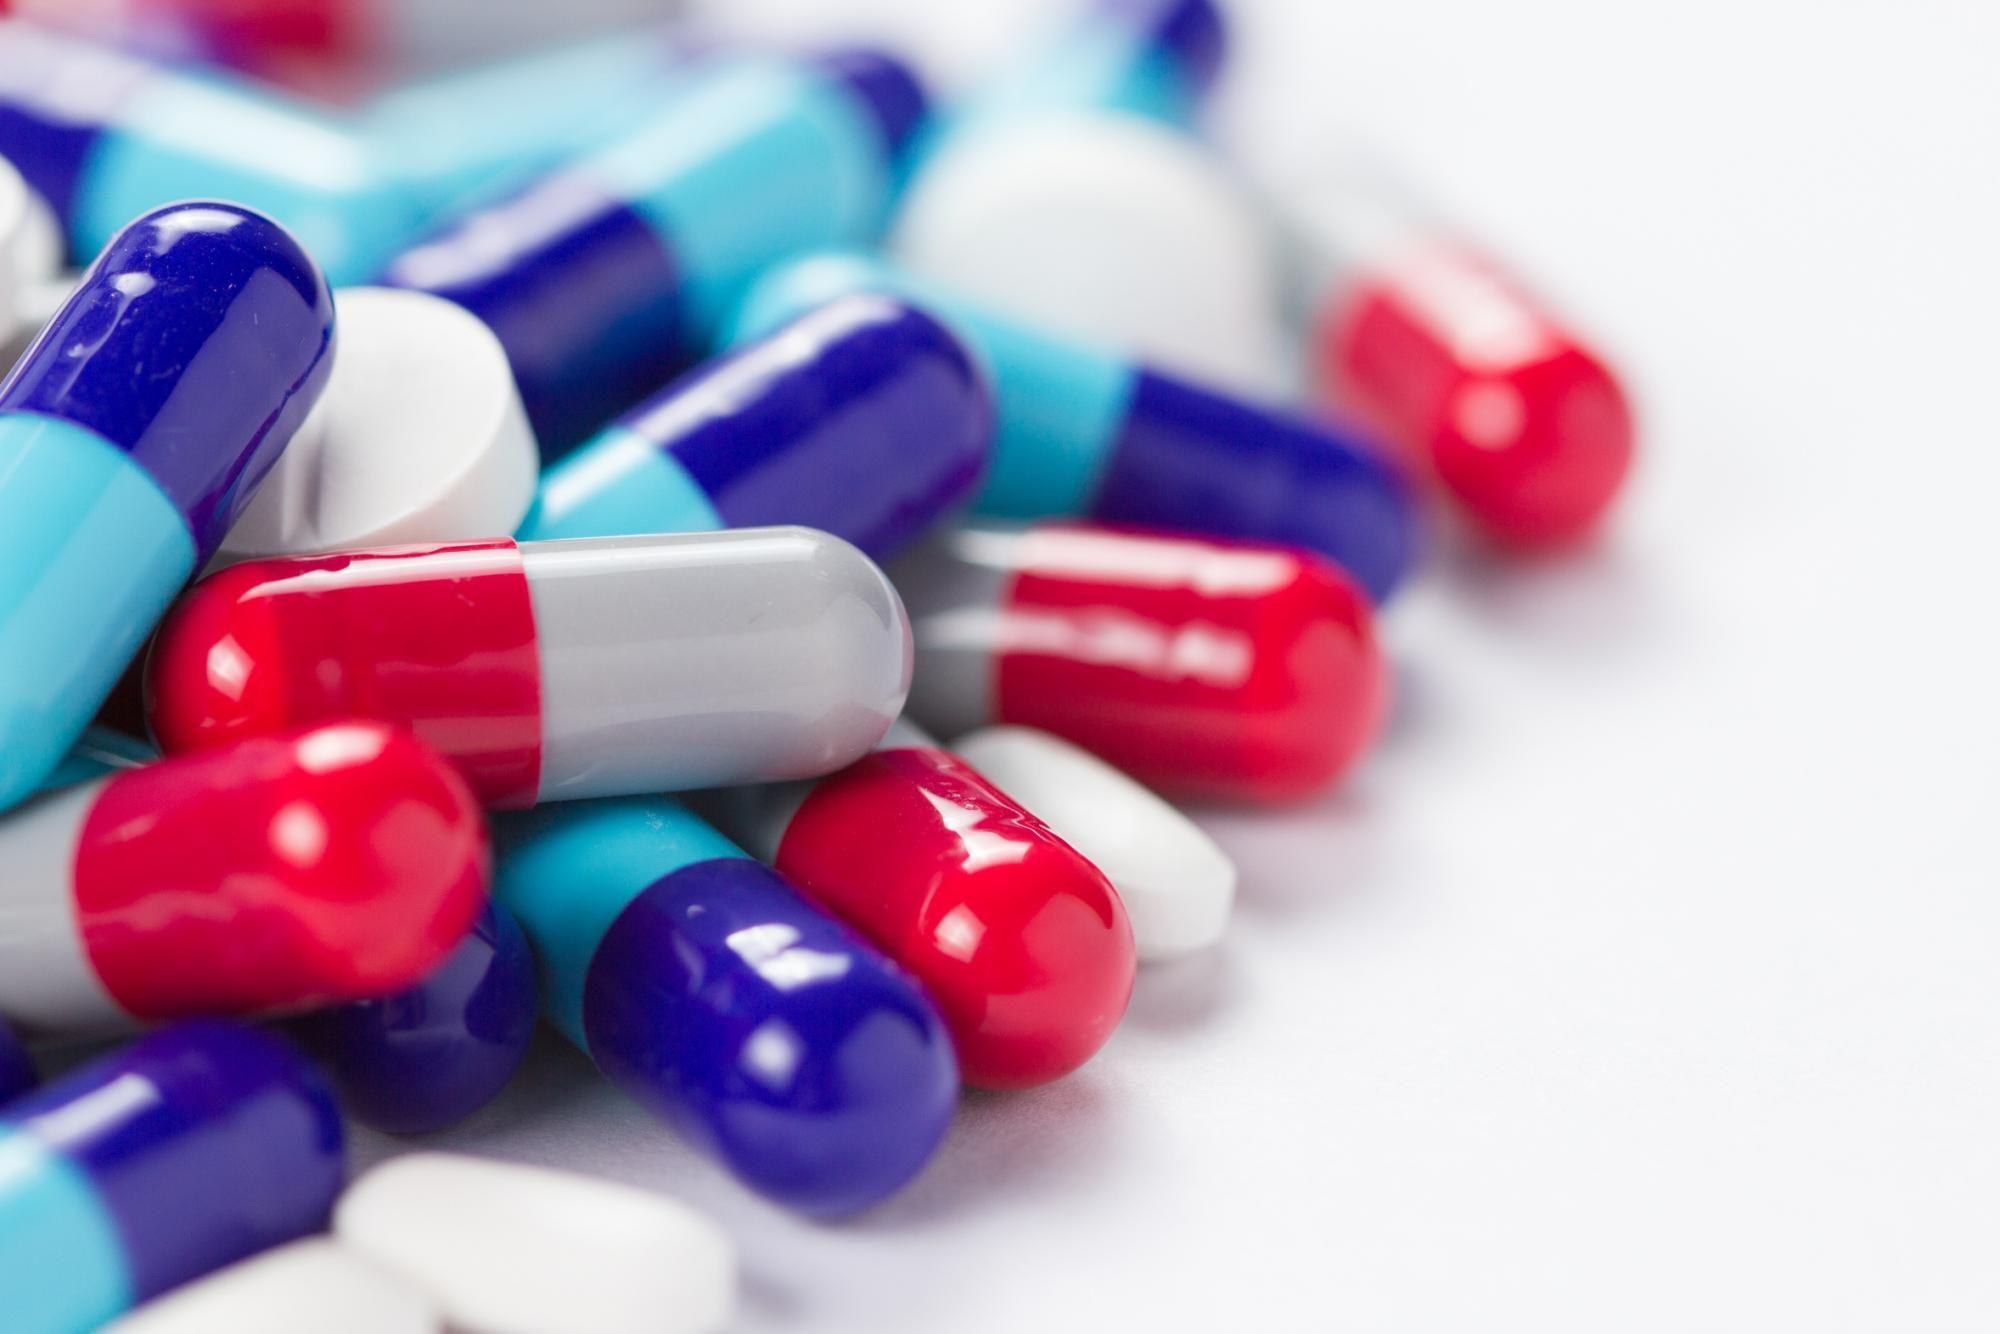 Таблетки от простатита у мужчин: список самых эффективных препаратов